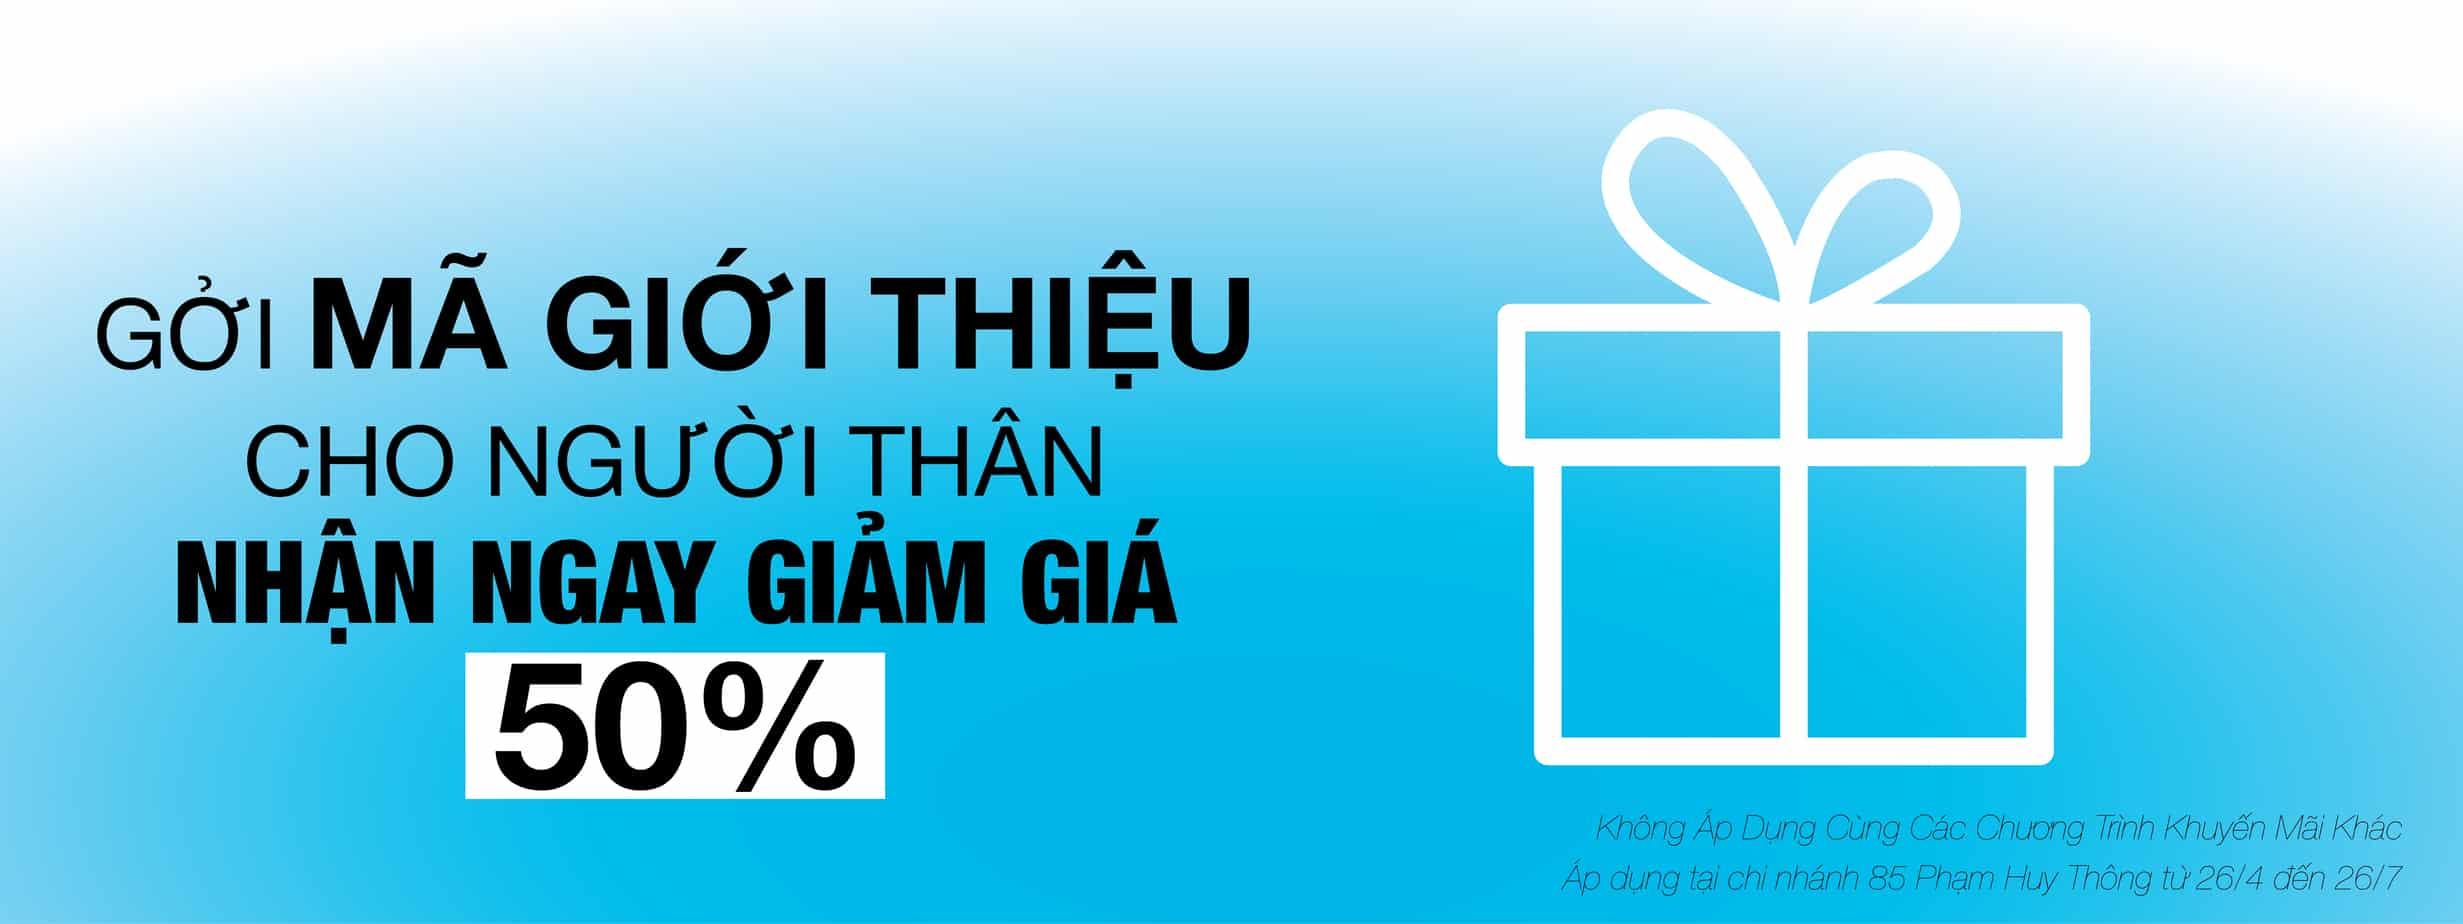 Khuyến Mãi Mùa Hè - Gởi Mã Giới Thiệu - Giảm Ngay 50% 12